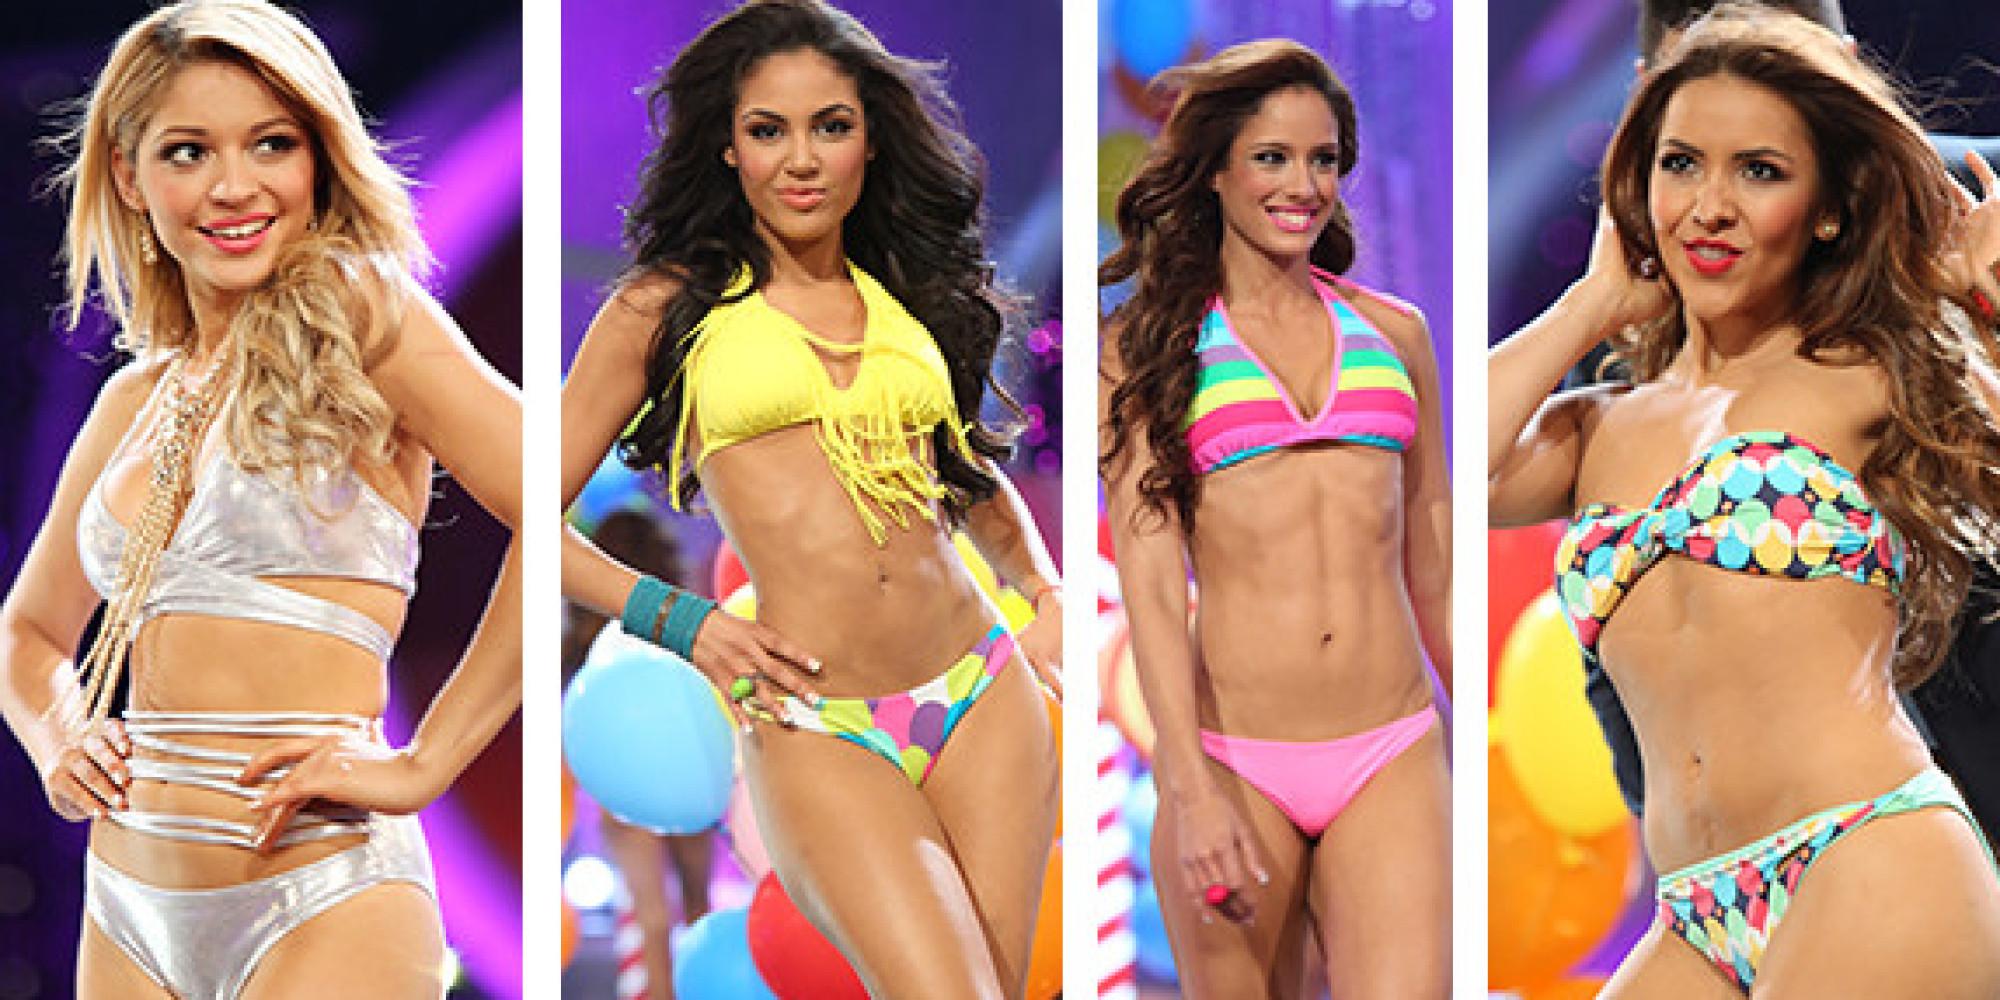 Nuestra Belleza Latina Ganadoras O-nbl-quien-gana-facebook jpgNuestra Belleza Latina Ganadoras